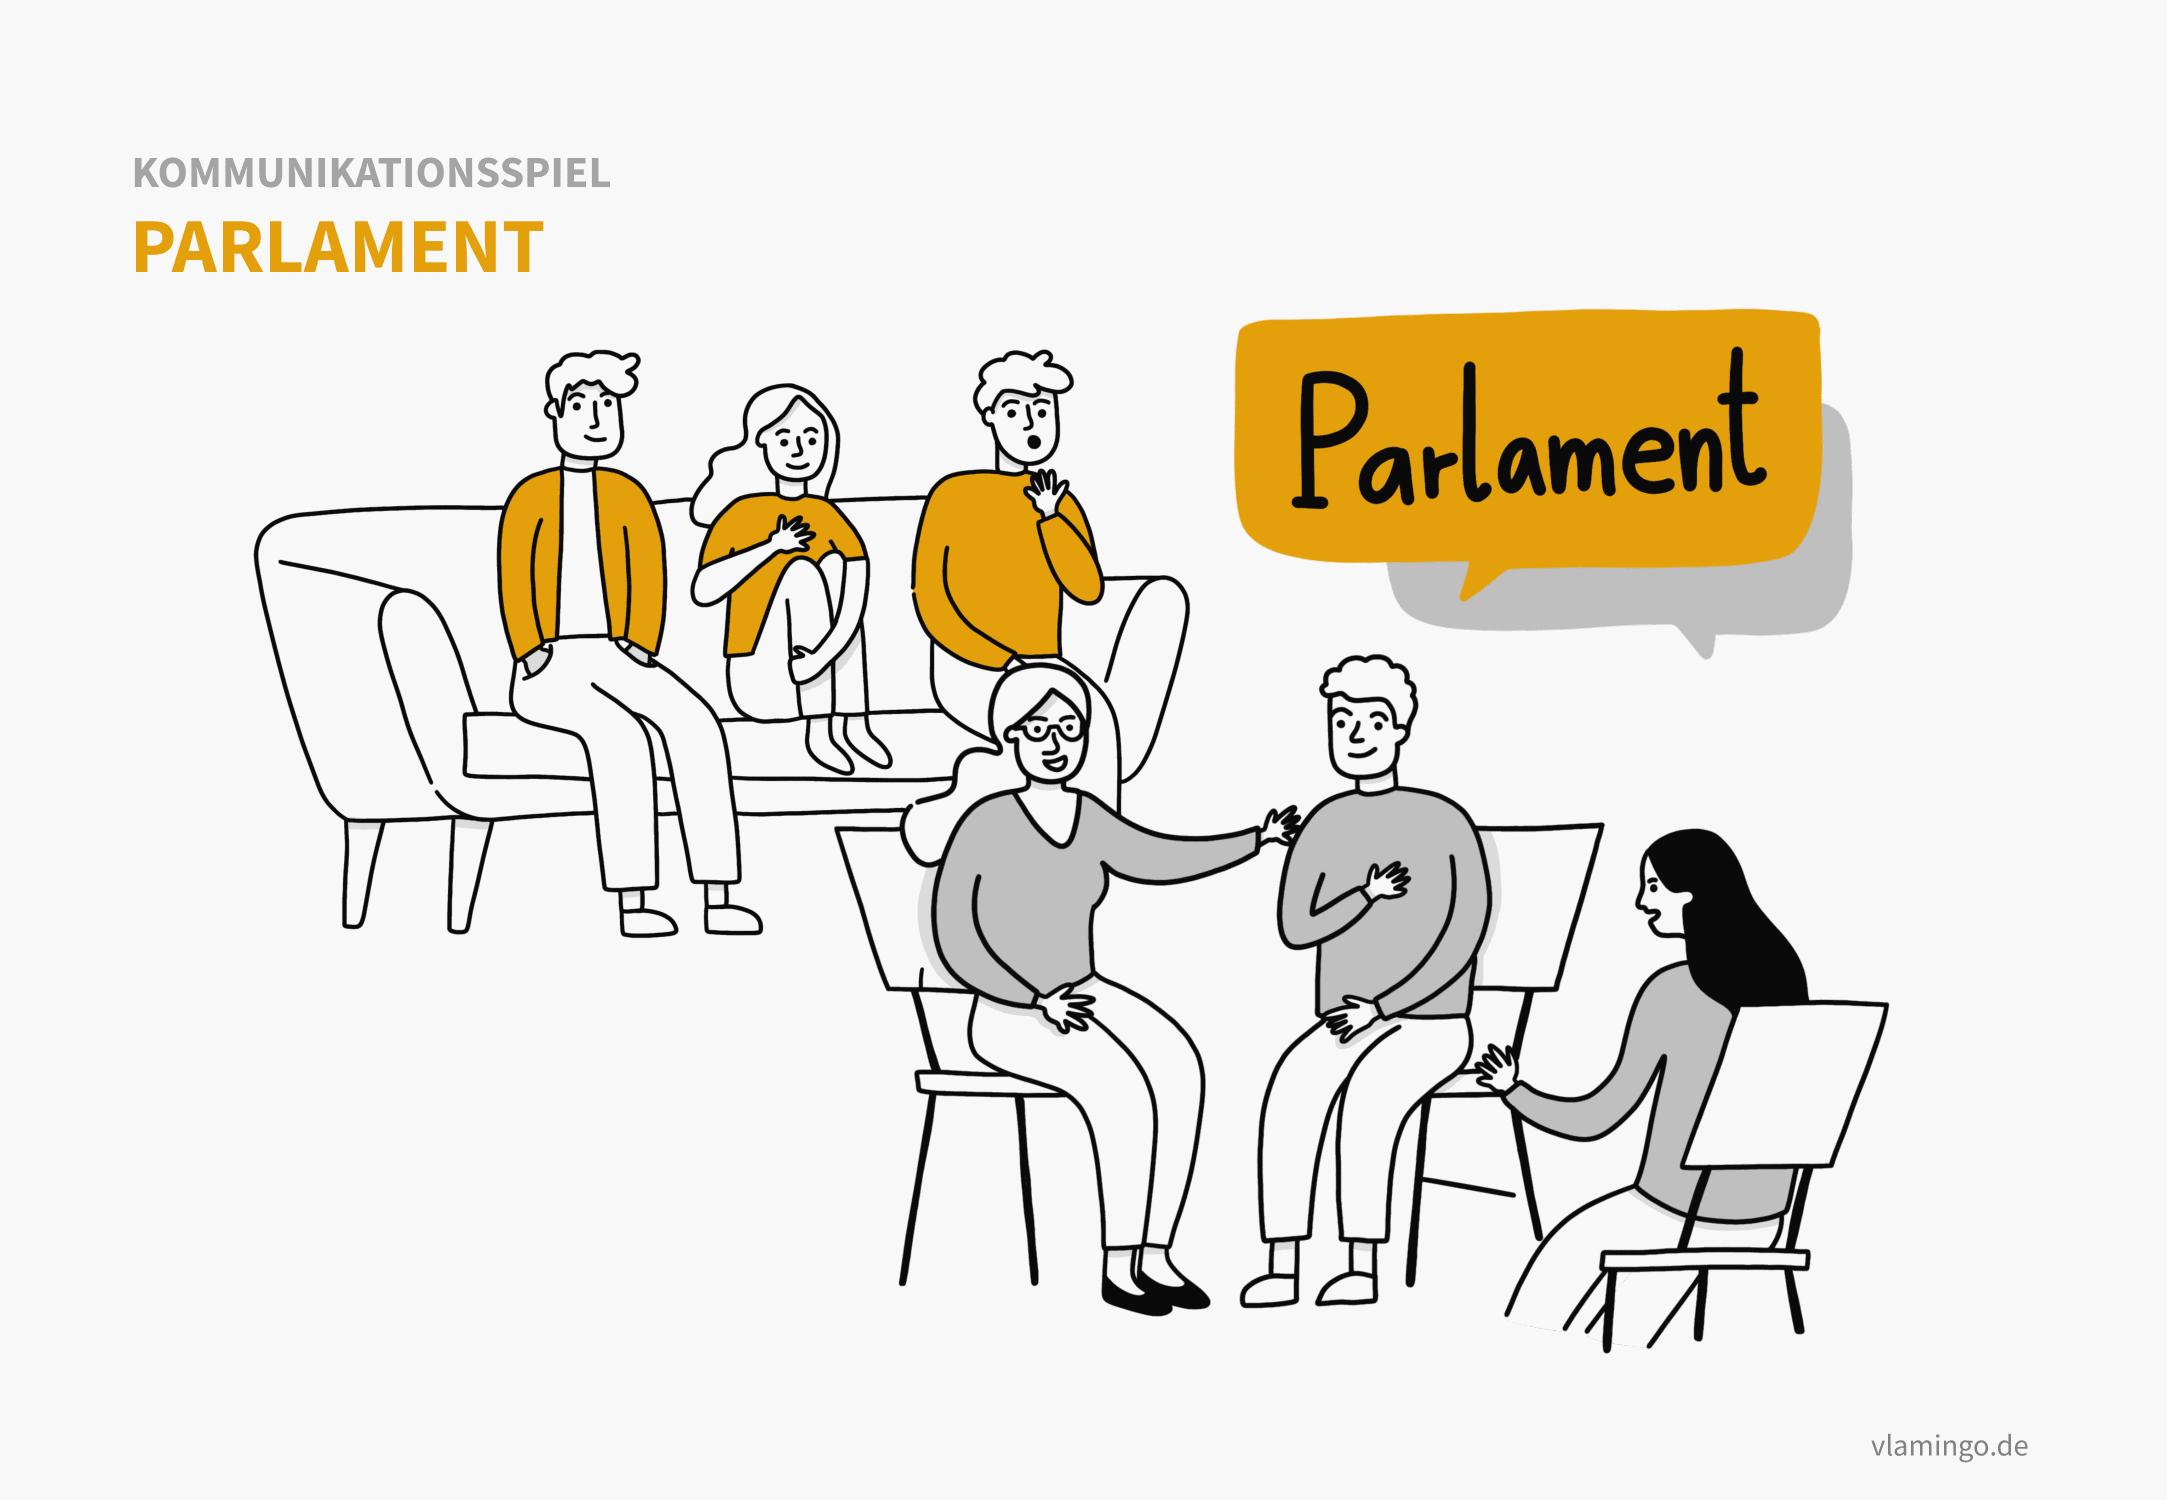 Kommunikationsspiel: Parlament